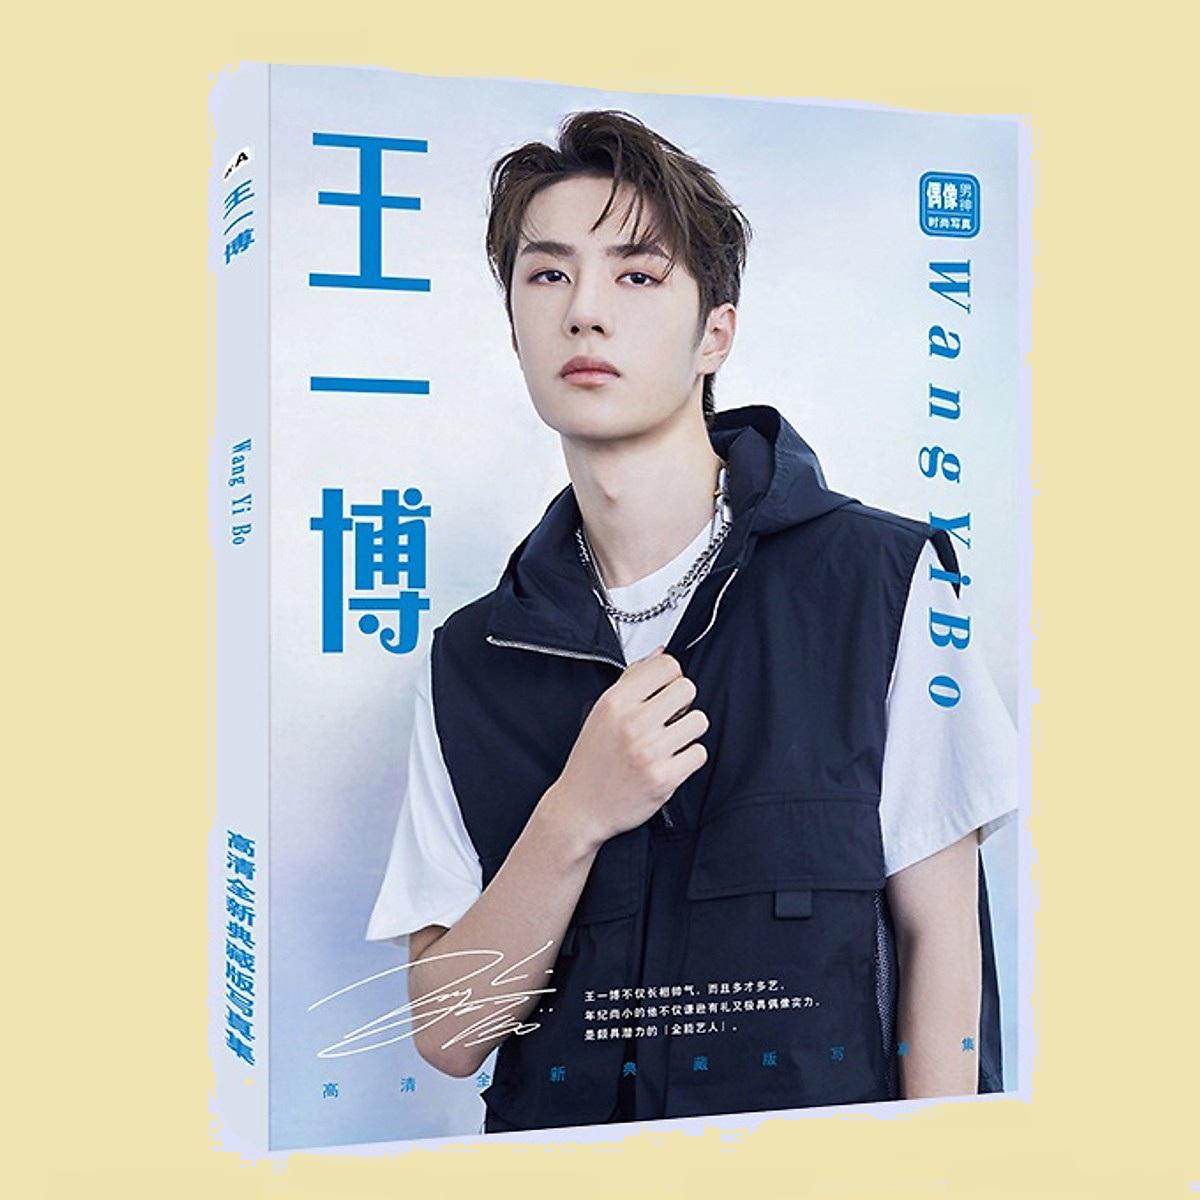 Album hình ảnh idol Vương Nhất Bác sắc nét cực đẹp